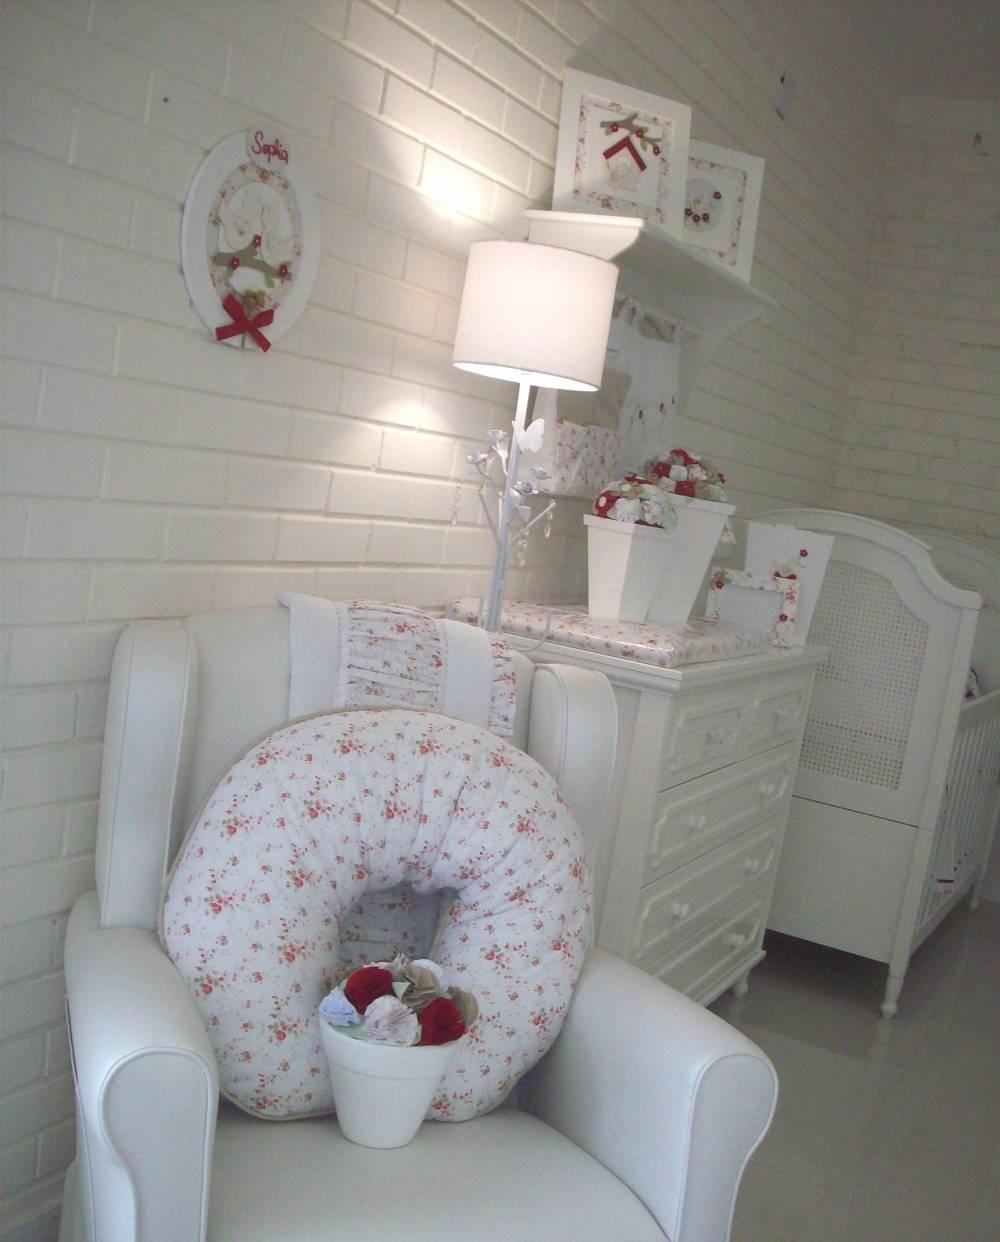 Decoração do Quarto de Bebê Feminino em Santana de Parnaíba - Decoração para Quarto Bebê Feminino